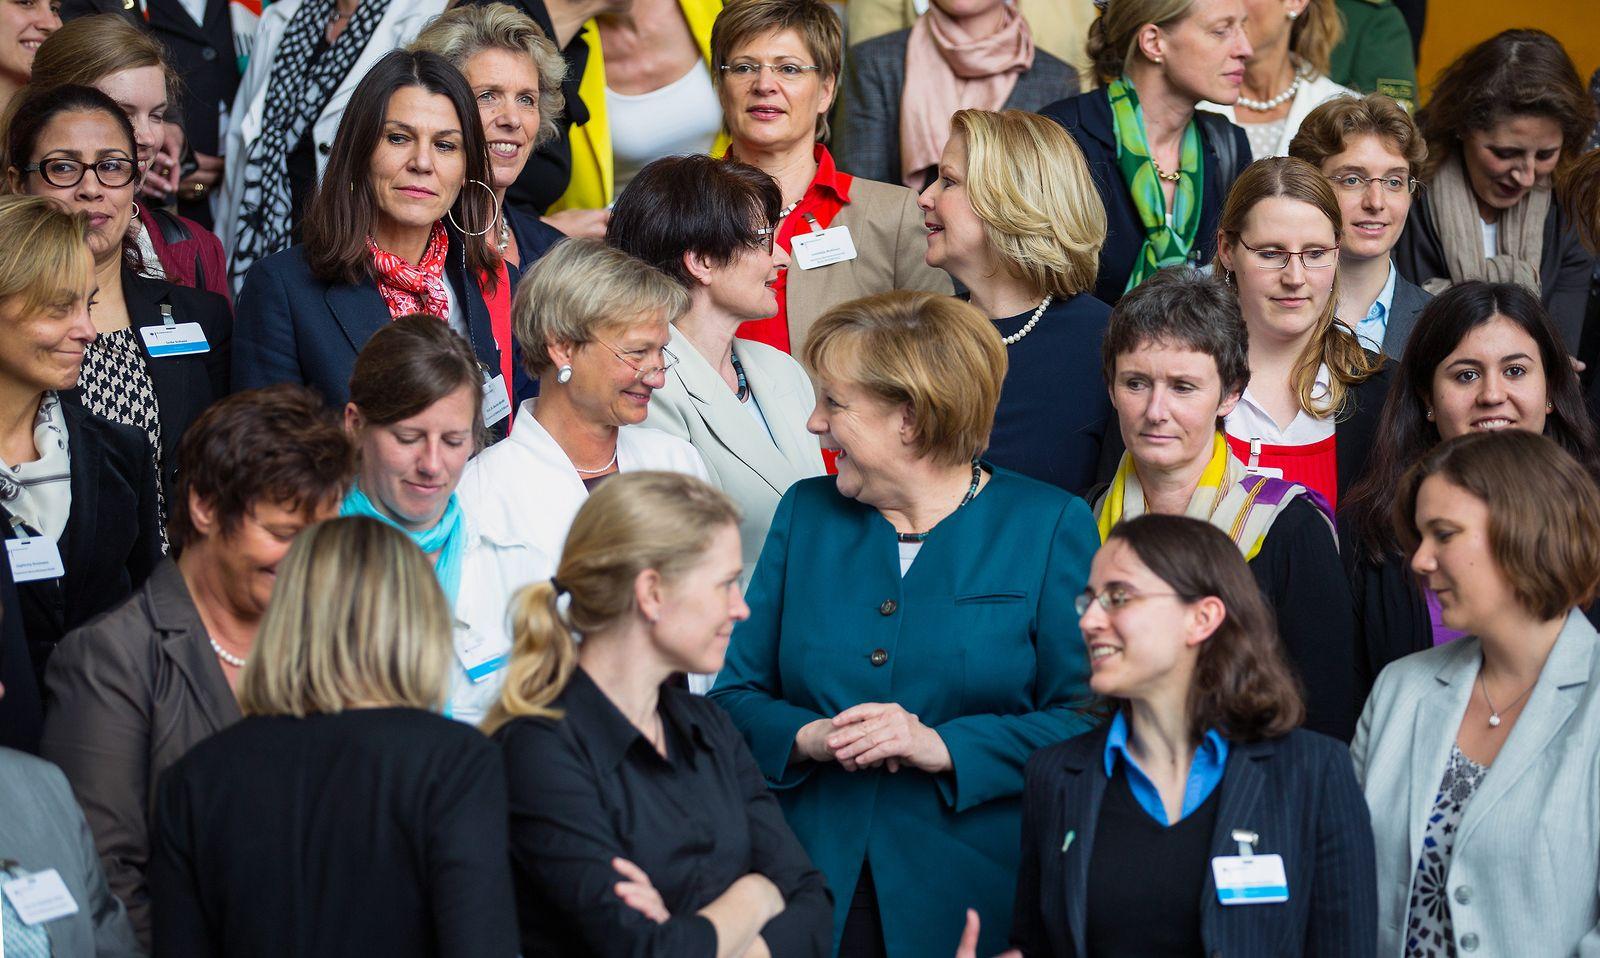 Frauengipfel / Merkel